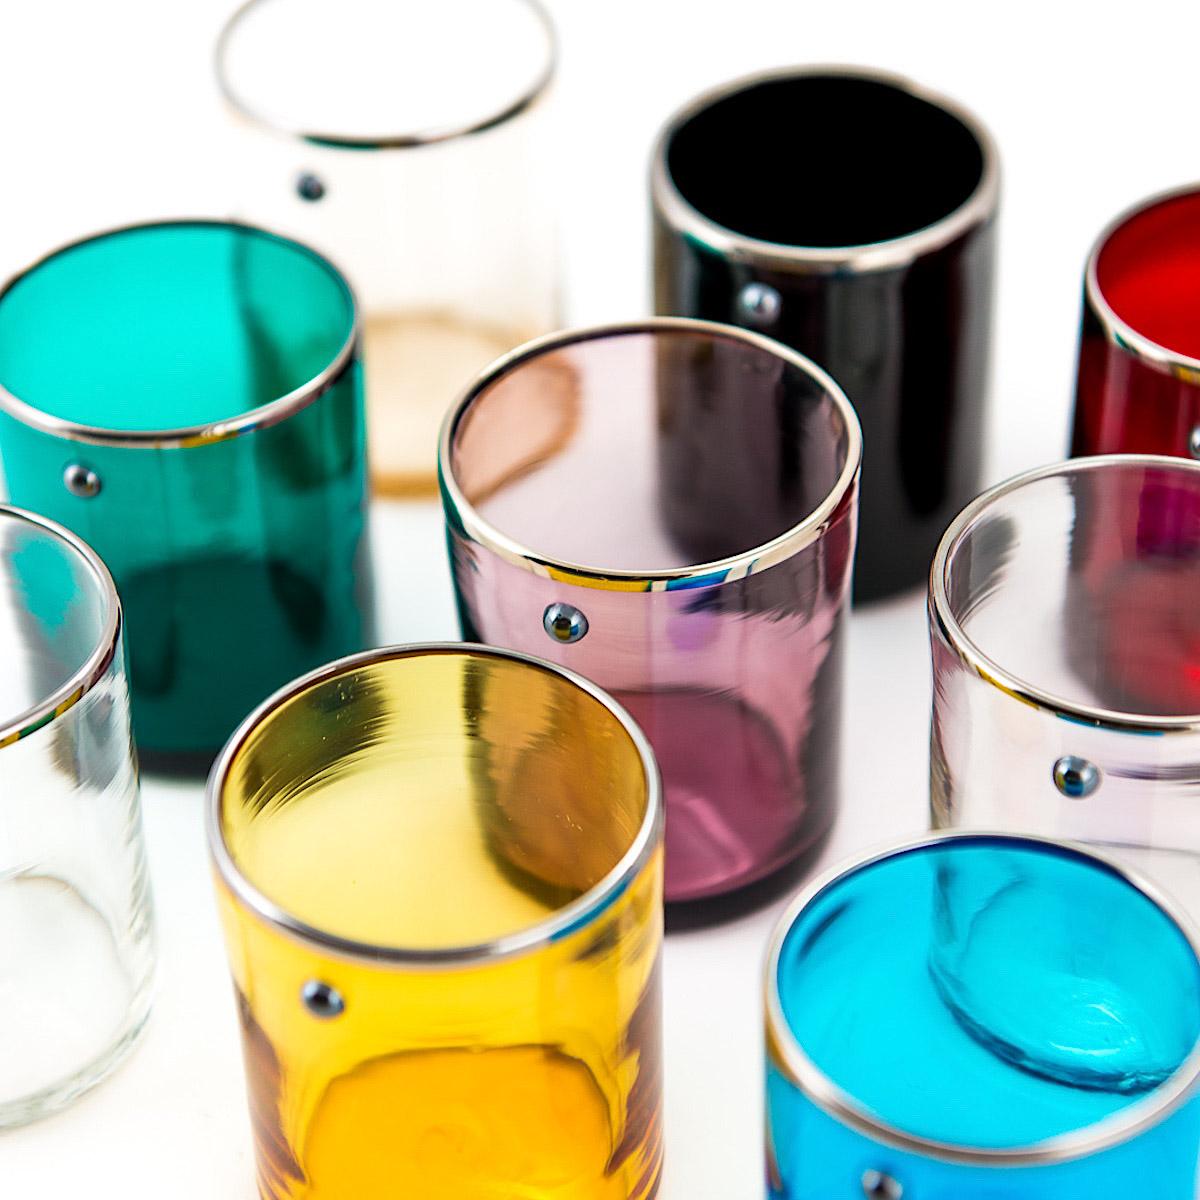 jai-amber-glass-shot-vodka-murano-venice-handmade-platinum-luxury